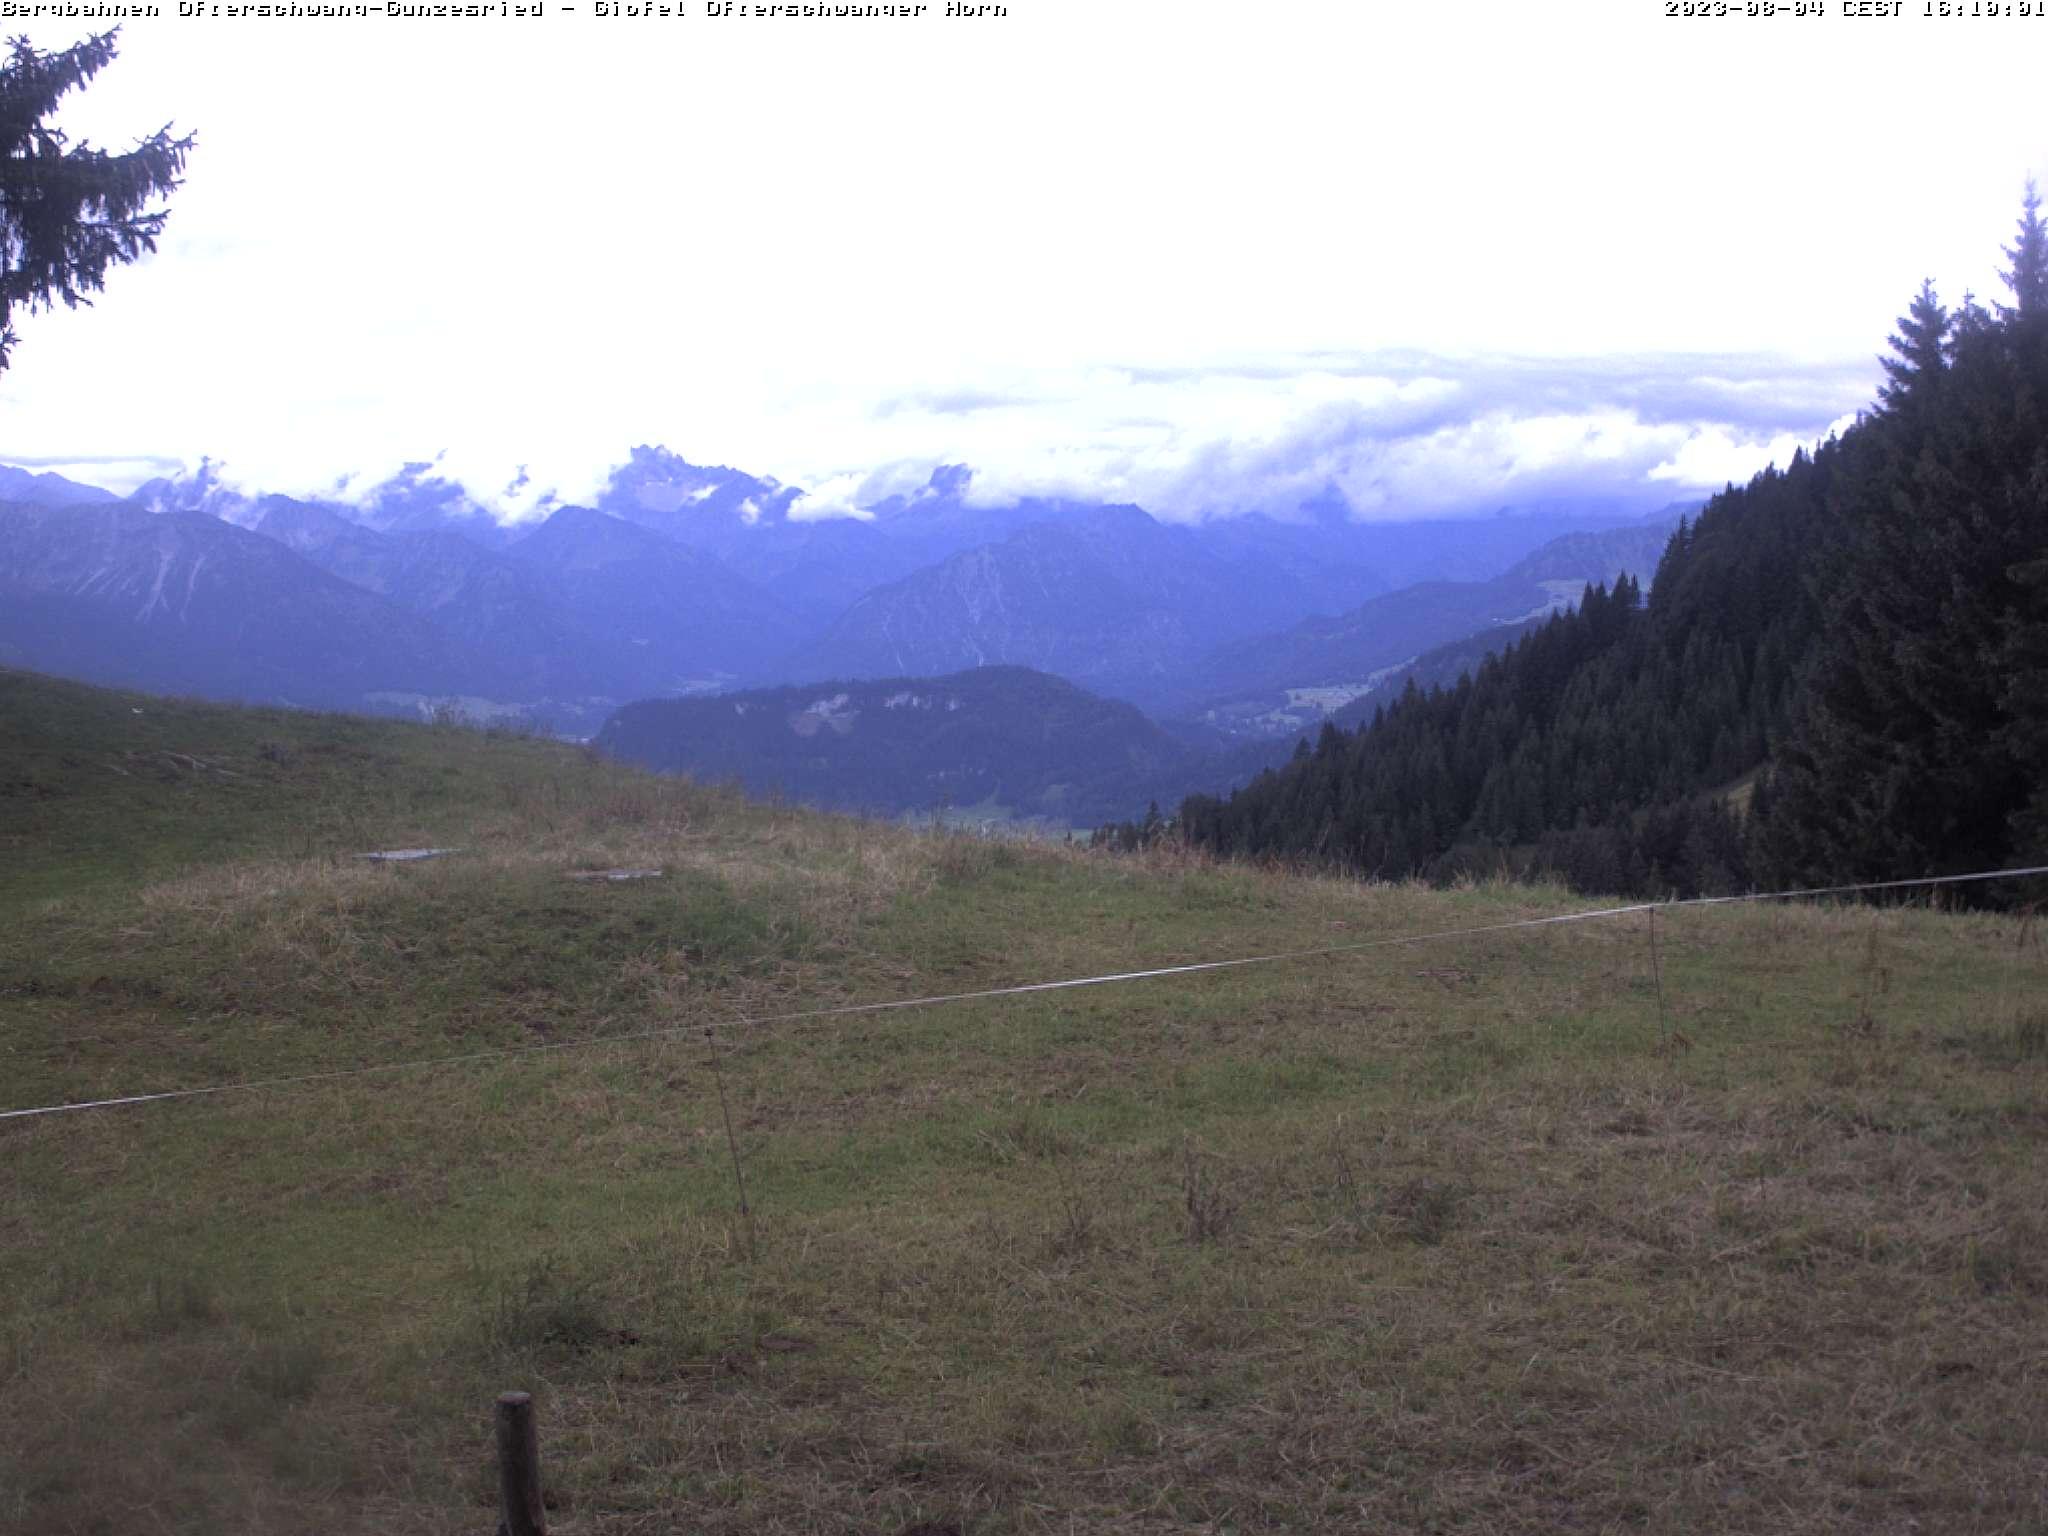 Externes Bild: http://www.go-ofterschwang.de/WebCam/GipfelBerg.jpg